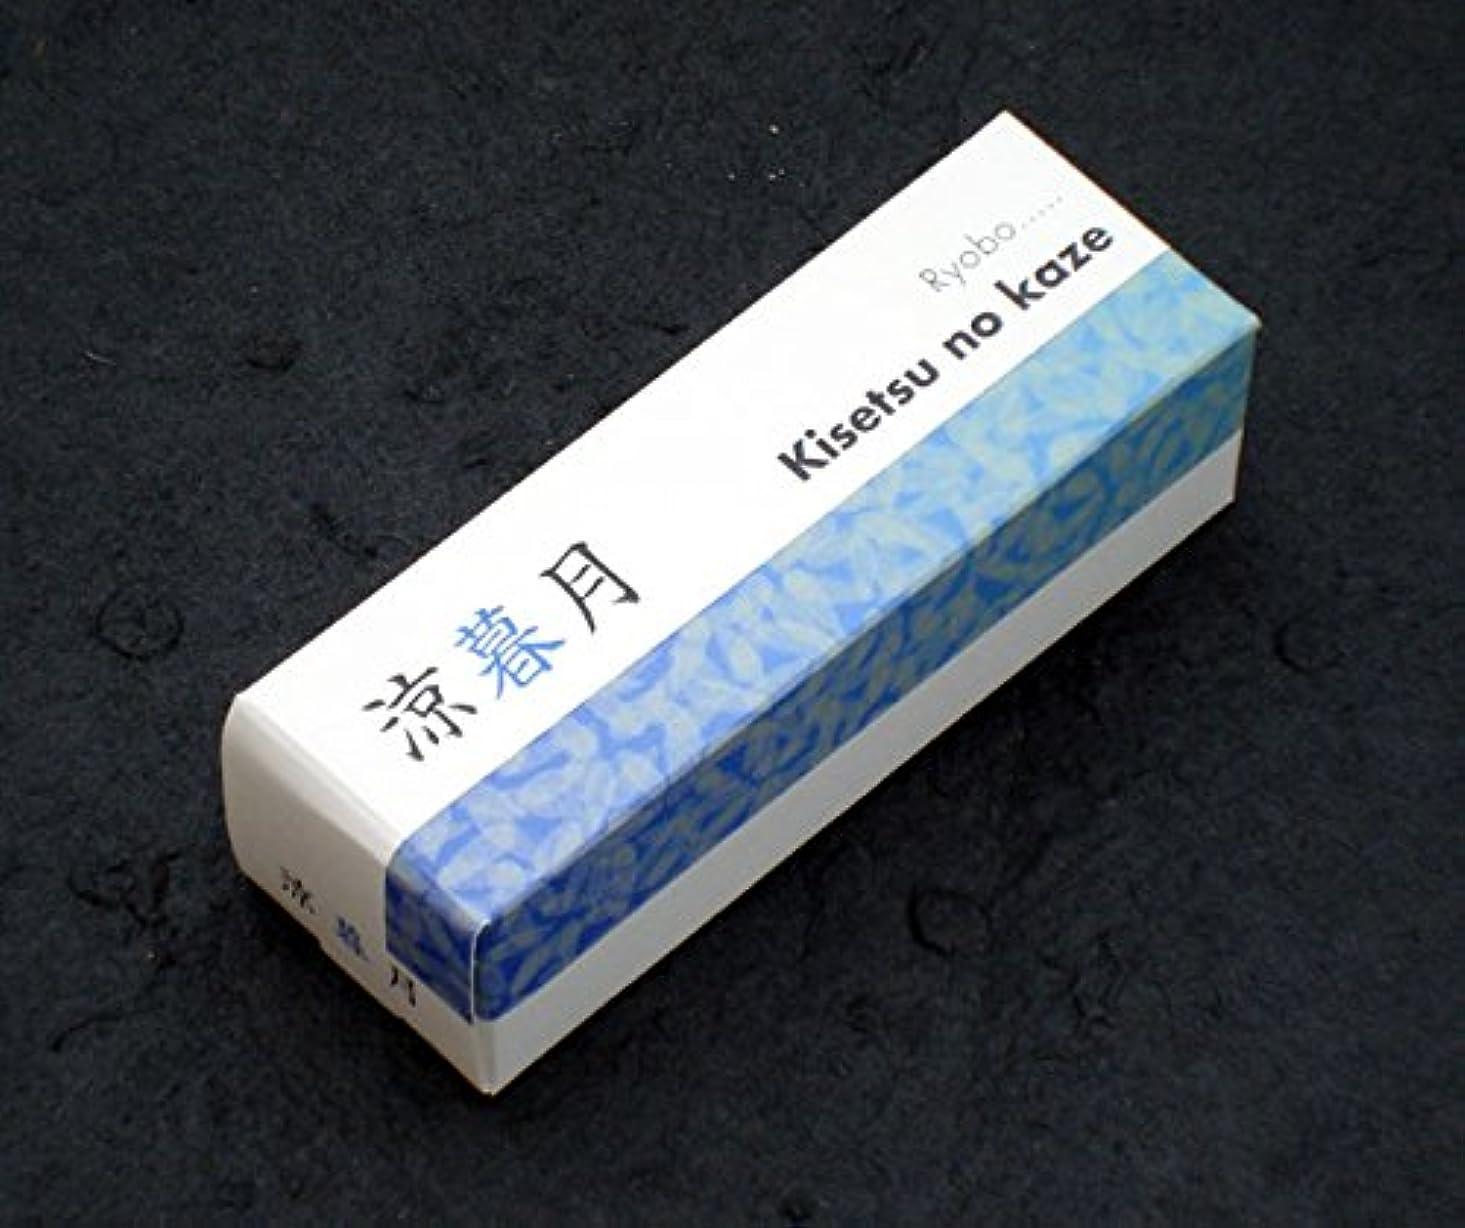 周囲貨物頻繁に季節の風 涼暮月(りょうぼづき)【松栄堂】 【お香】